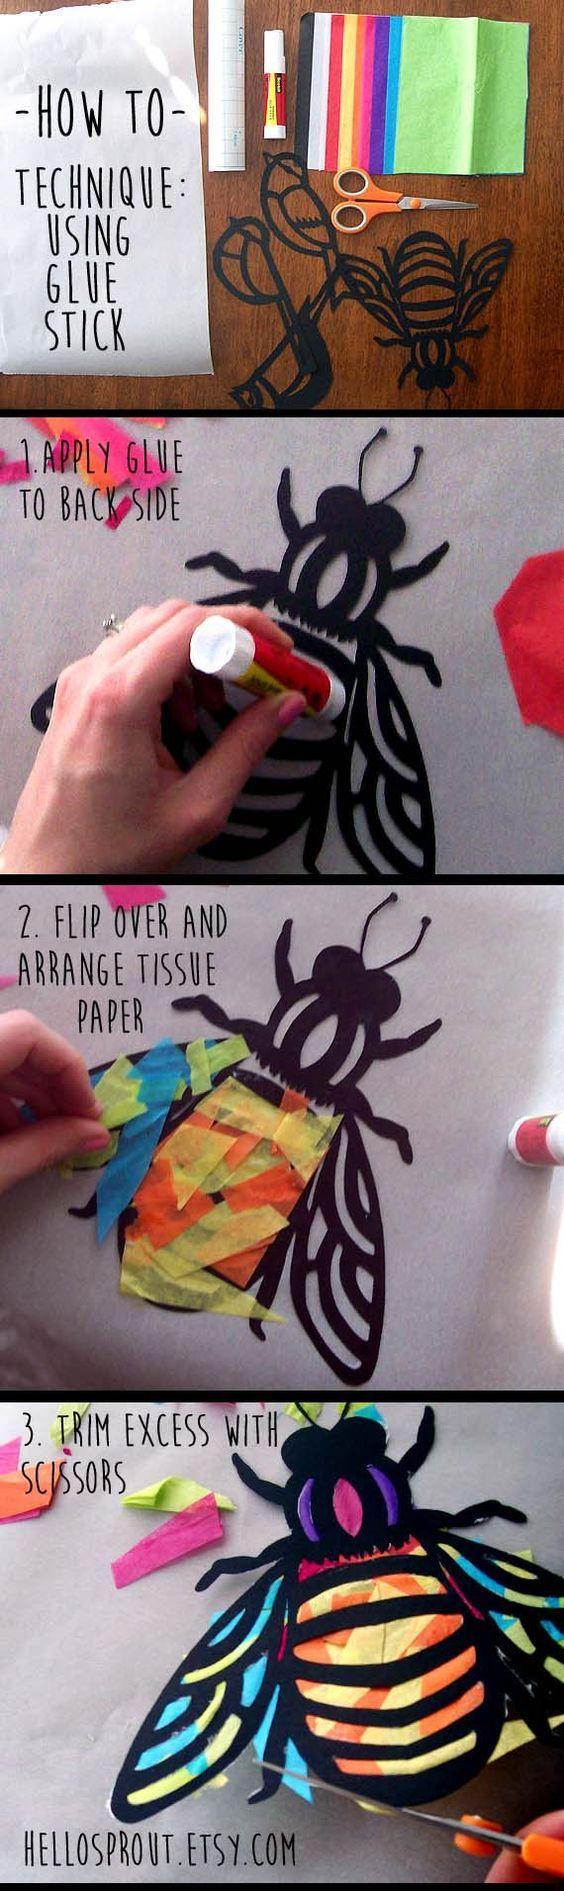 キッズクラフト♪子供でも簡単にハンドメイドできる紙を使ったステンドグラス・サンキャッチャーをご紹介☆黒い画用紙やローズウィンドウ用紙・マスキングテープでできます。